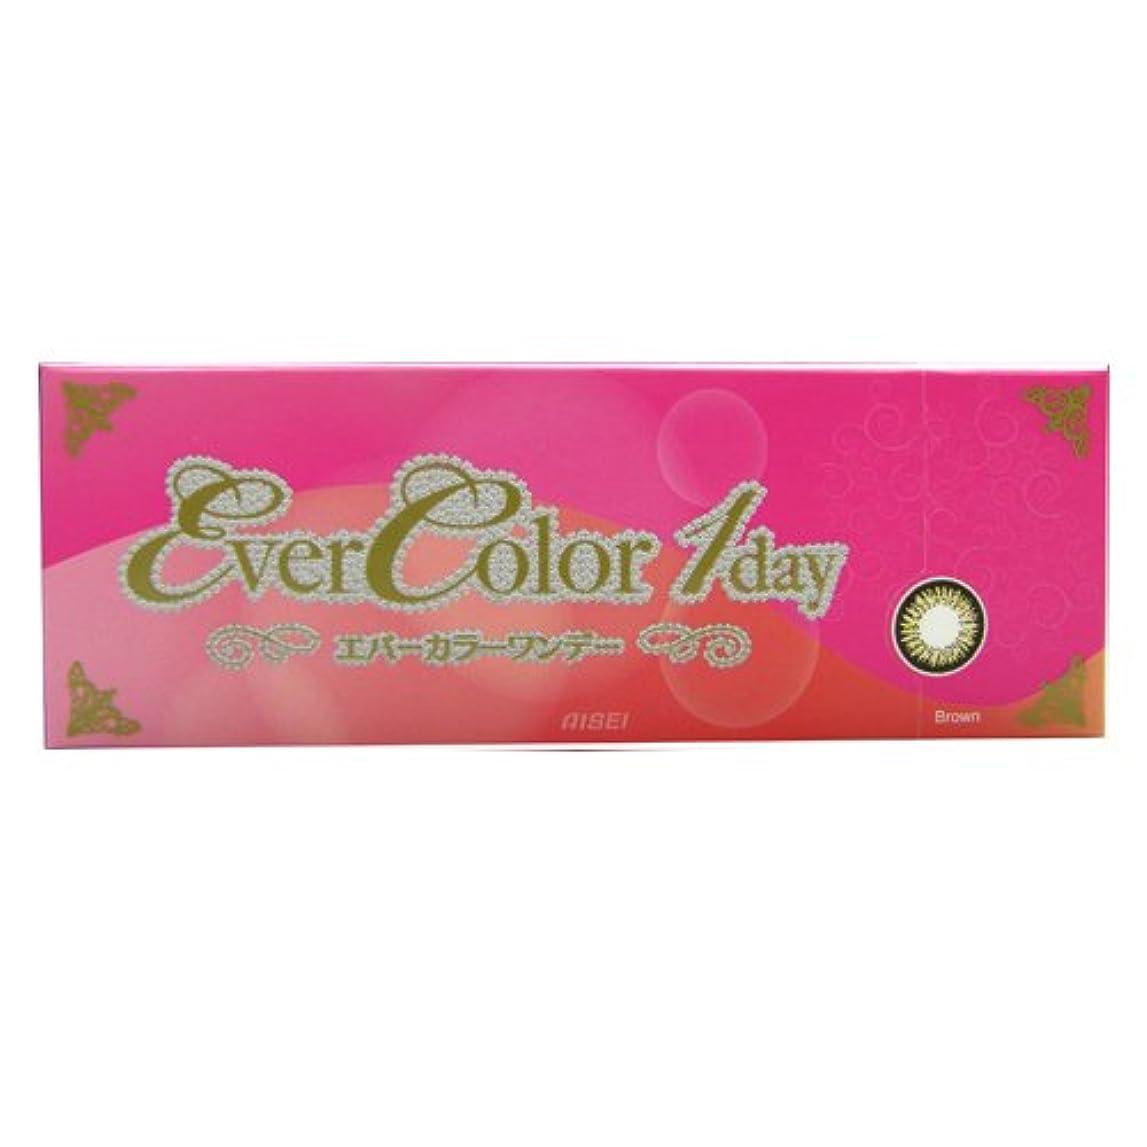 誰か学習エジプト人エバーカラー Ever Color 1day 01 ブラウン 10枚入 (PWR) -3.00